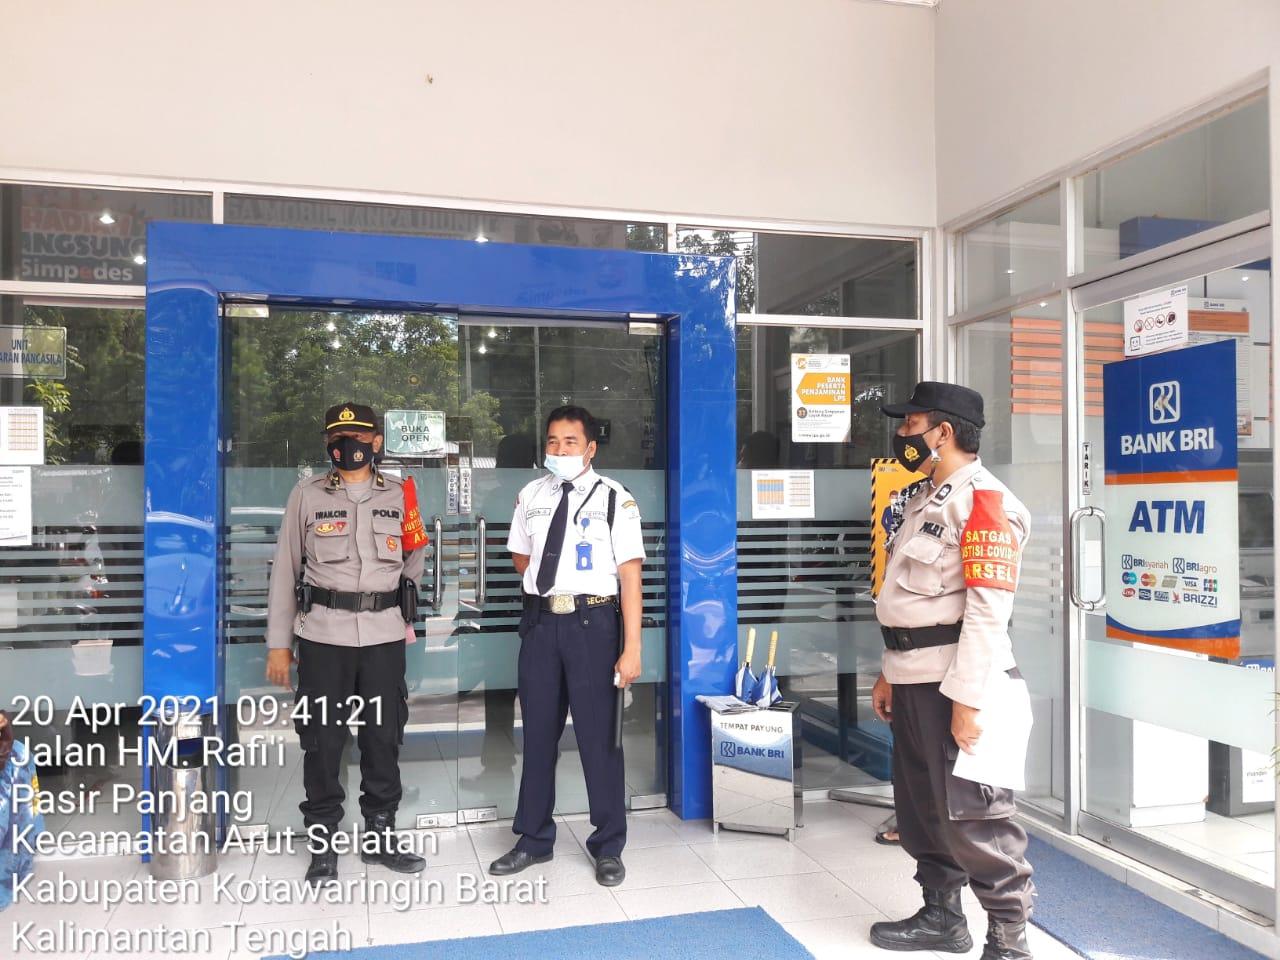 Polsek Arsel Rutin Patroli Ke Tempat Objek Vital/ BRI Seputaran Kota Pangkalanbun